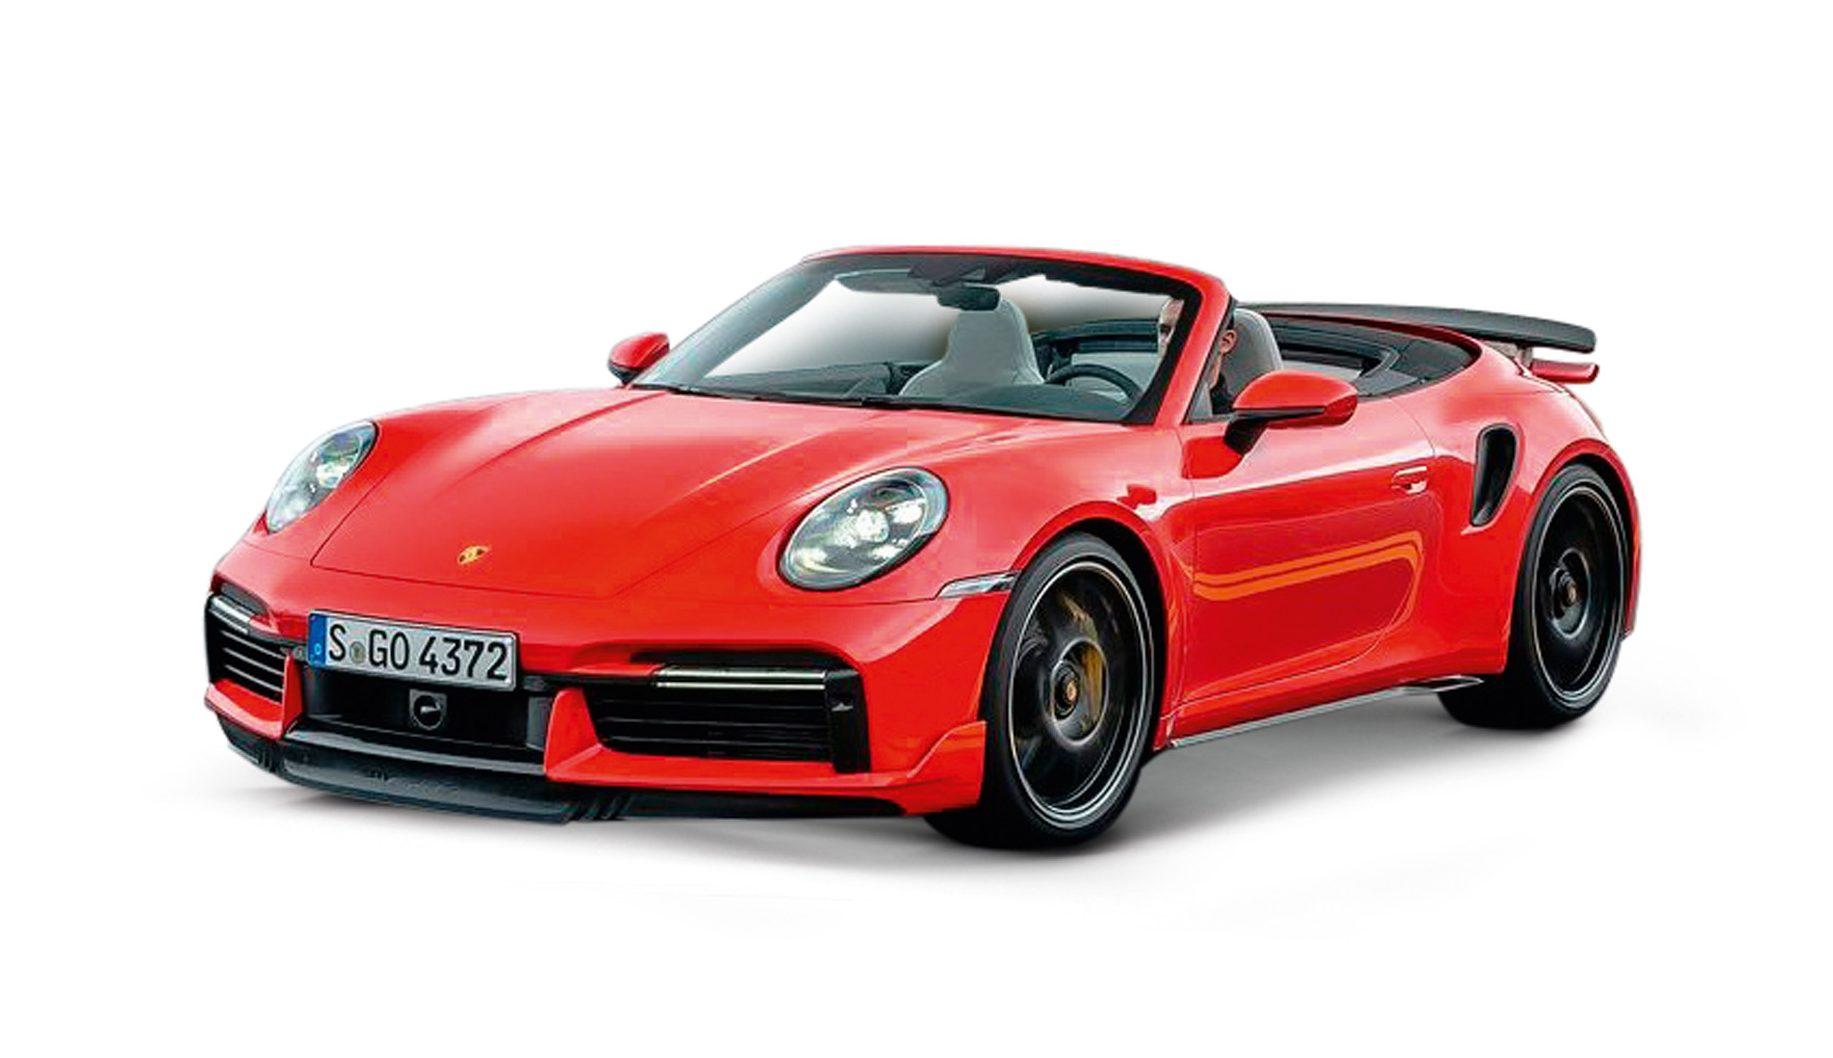 Porsche 911 Turbo S Cabrio 3.7